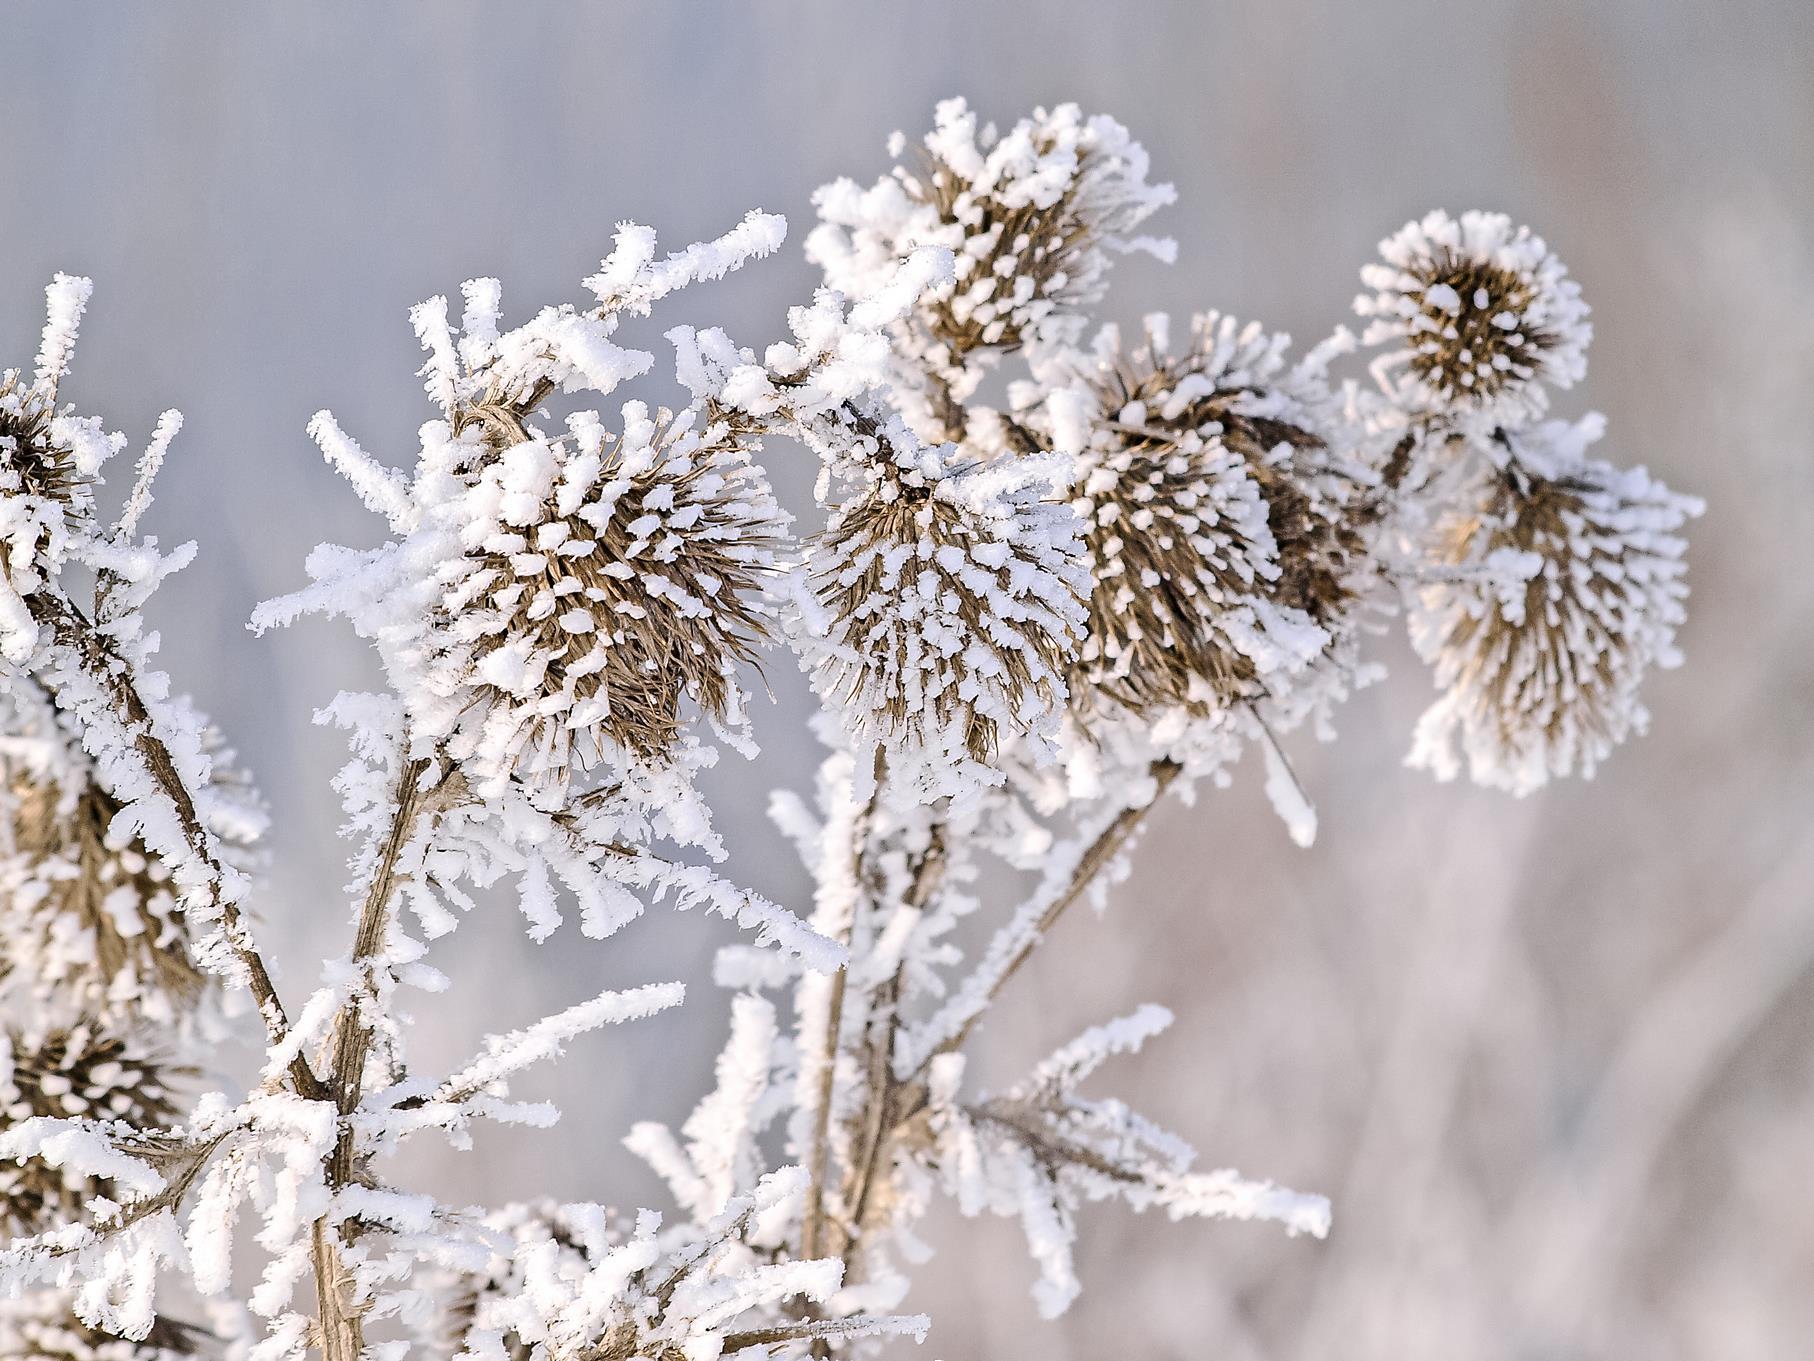 Verschneite Disteln im Januar.